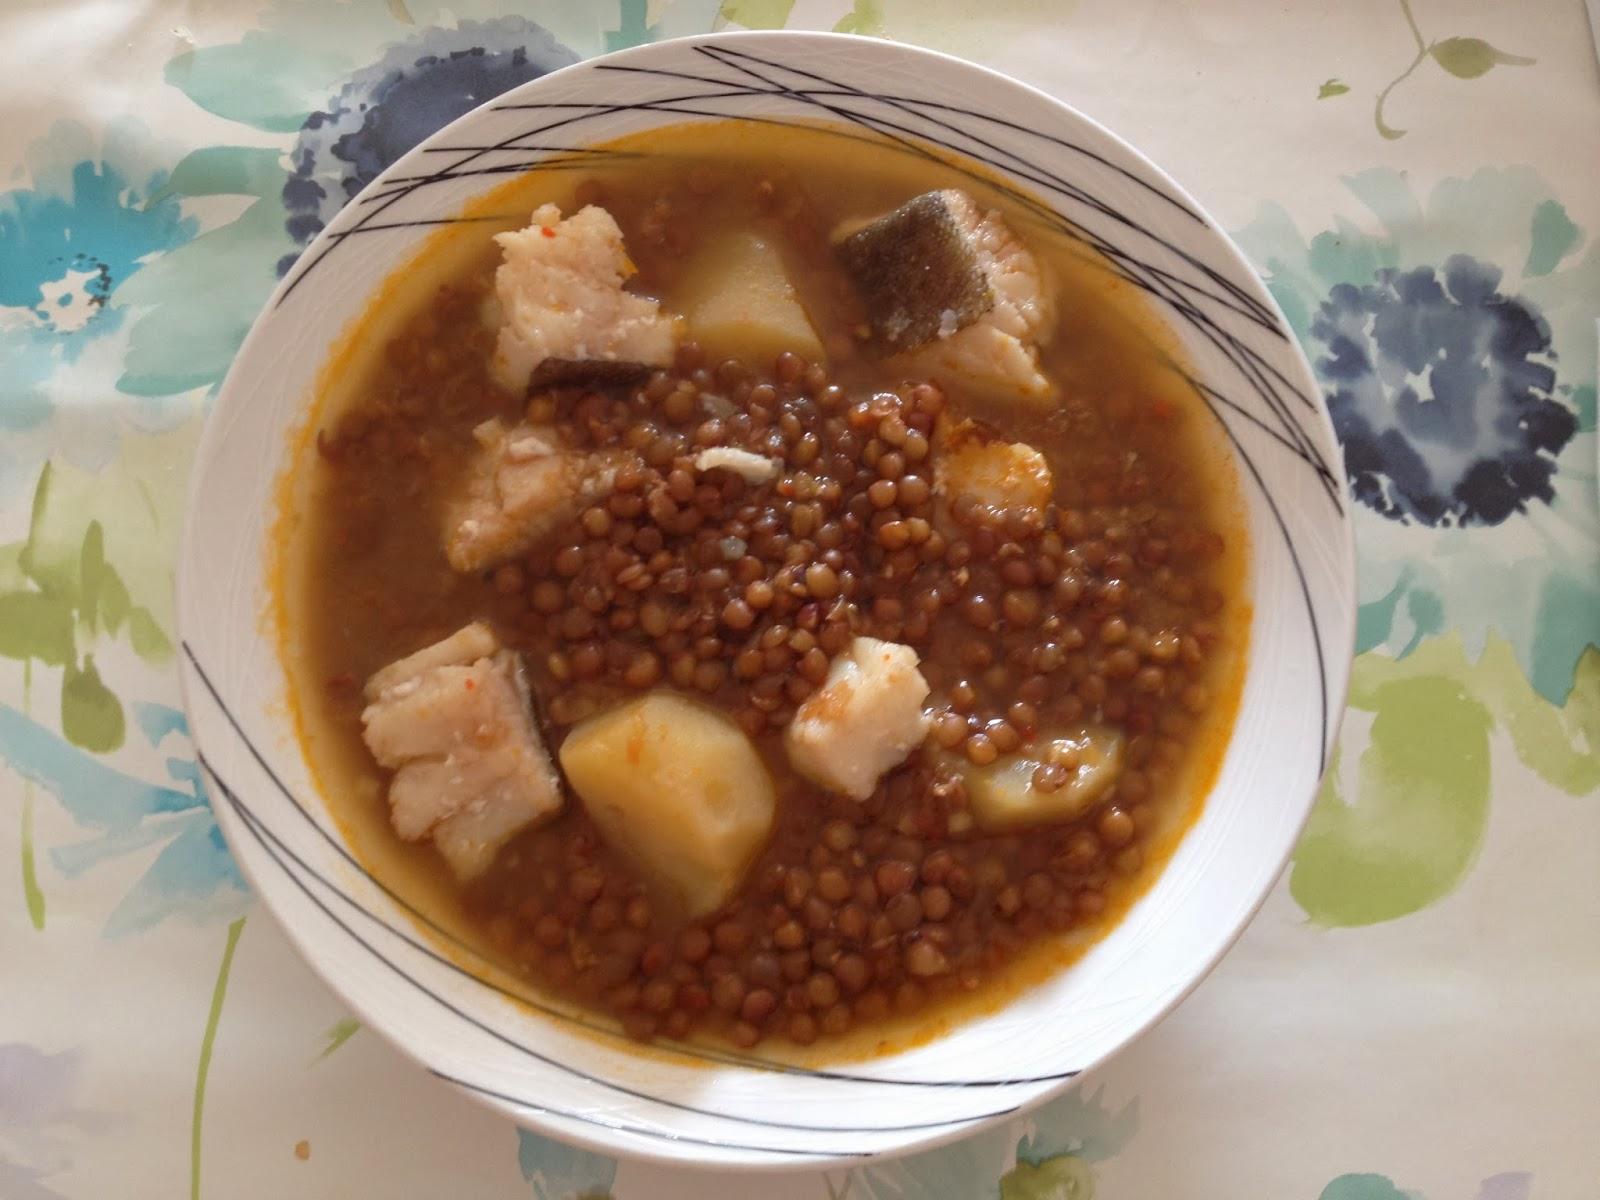 Lentejas con patata y bacalao blogs contra la fam 2013 recetas de cocina - Lentejas con costillas y patatas ...